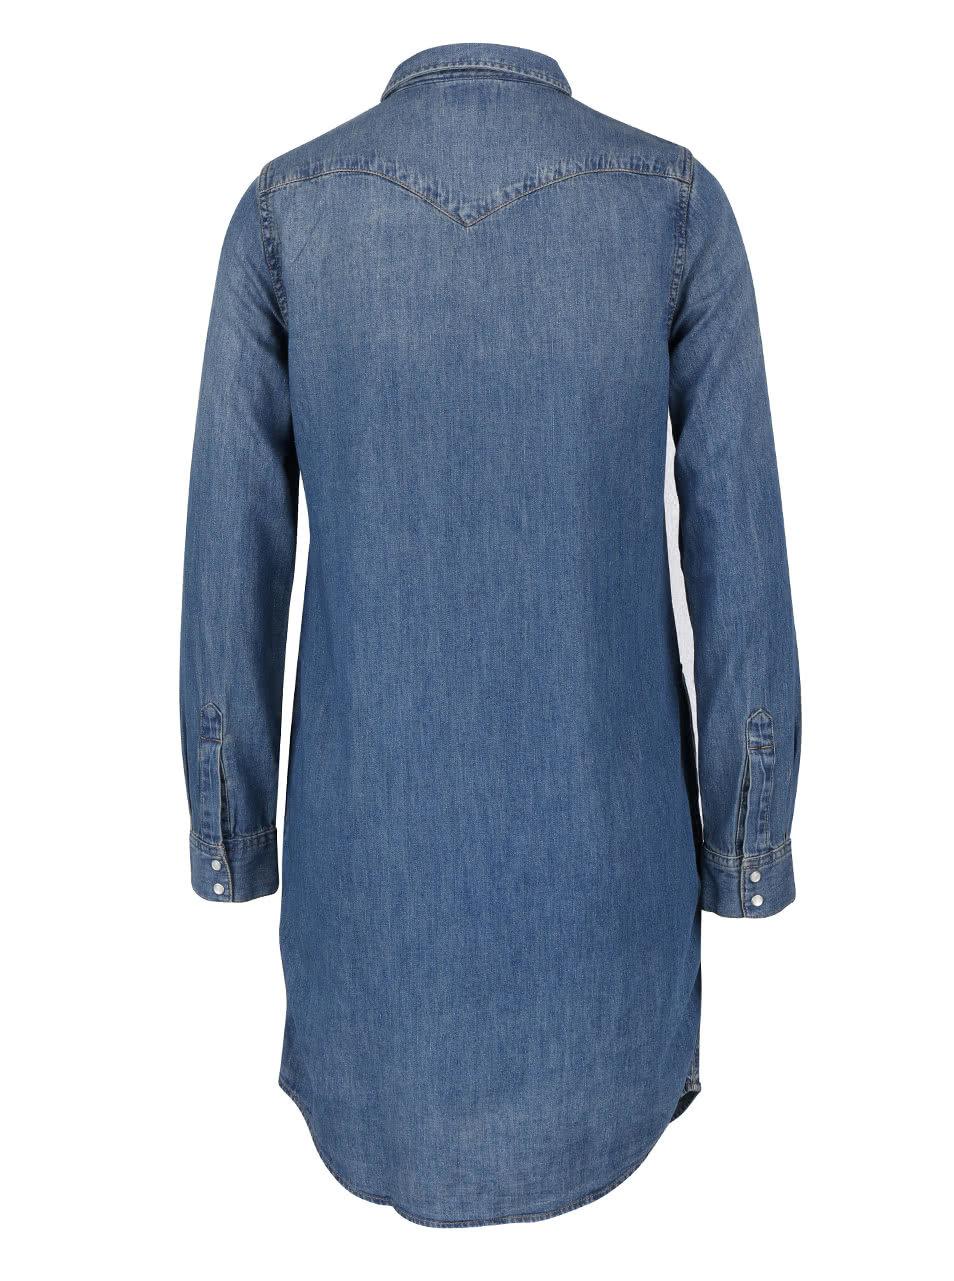 Modré džínové šaty s dlouhým rukávem Levi s® ... 51bab1726b